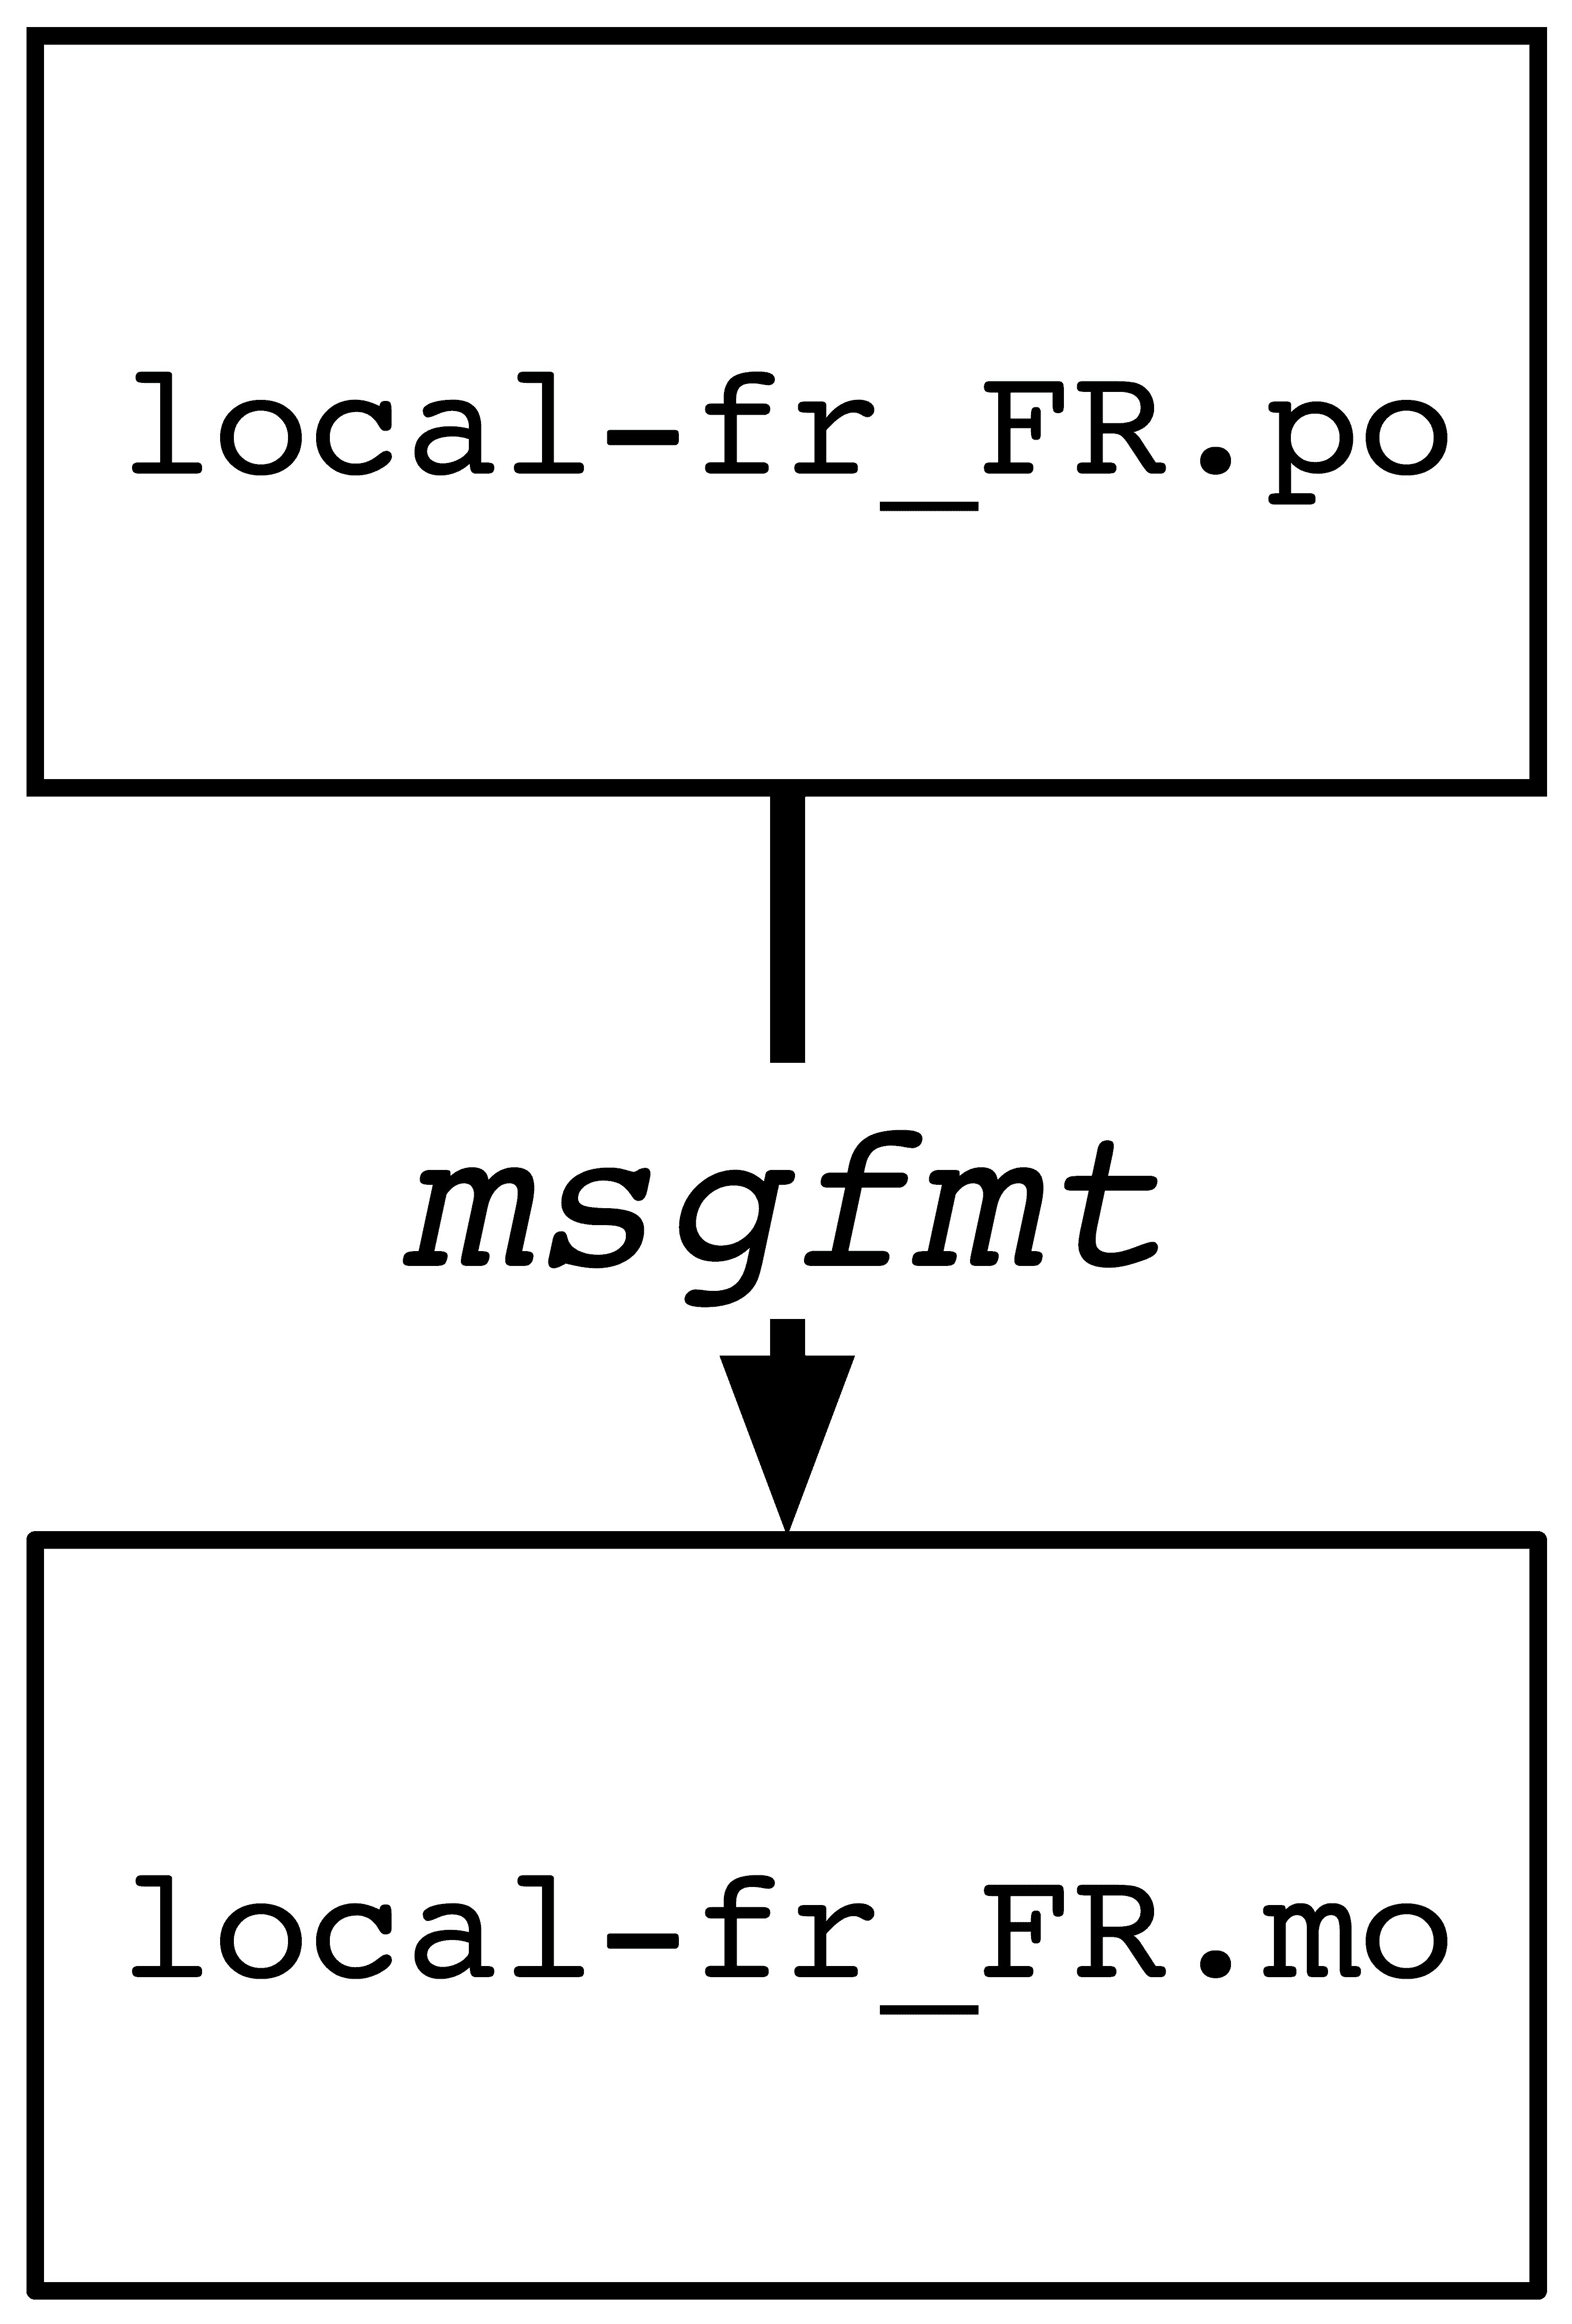 local-fr_FR.po → local-fr_FR.mo